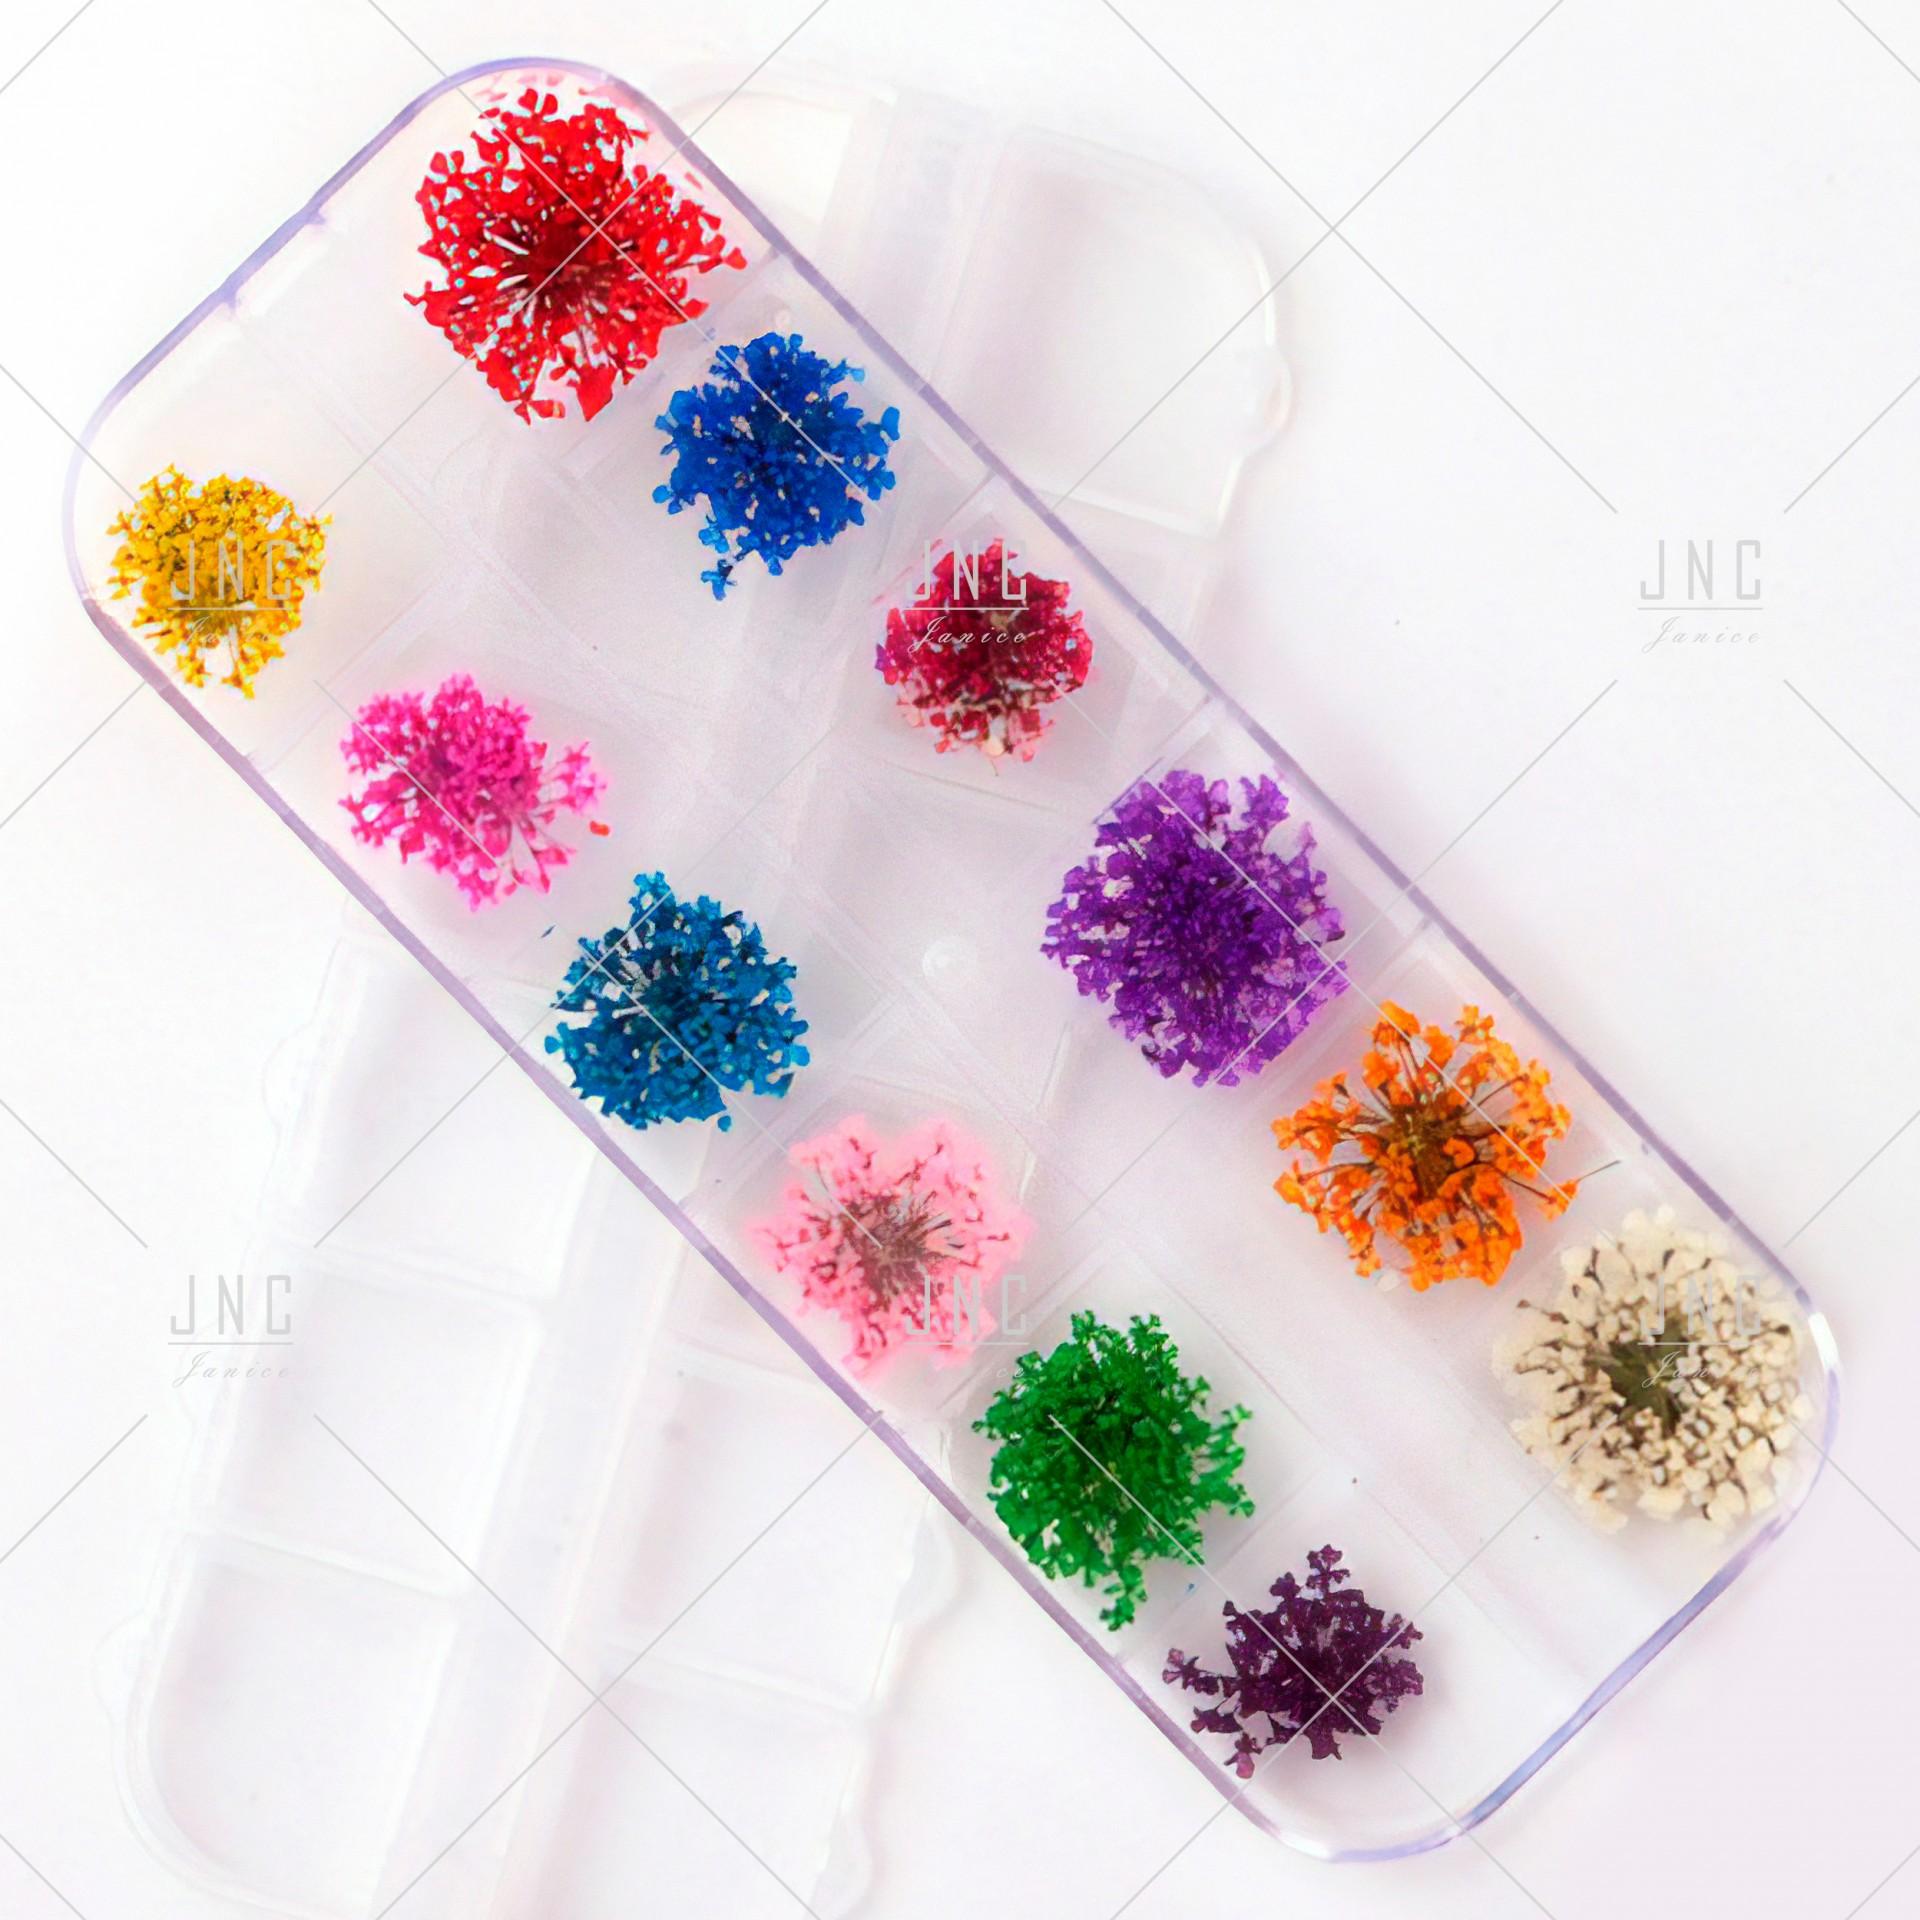 Flores Secas para Nail Art | Ref.862100